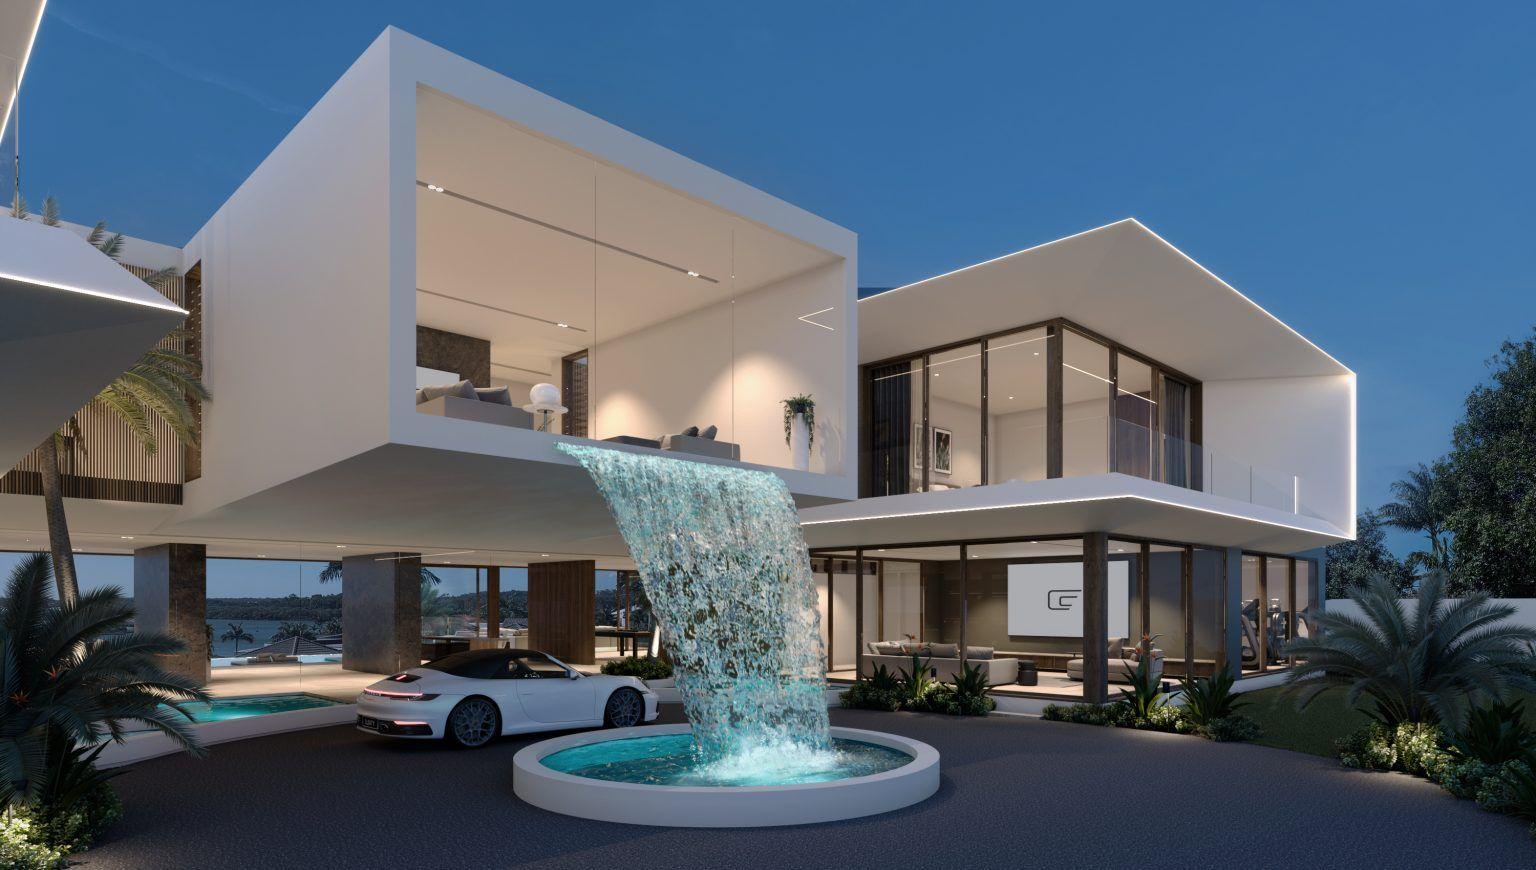 SANCTUARY COVE HOUSE - Chris Clout Design